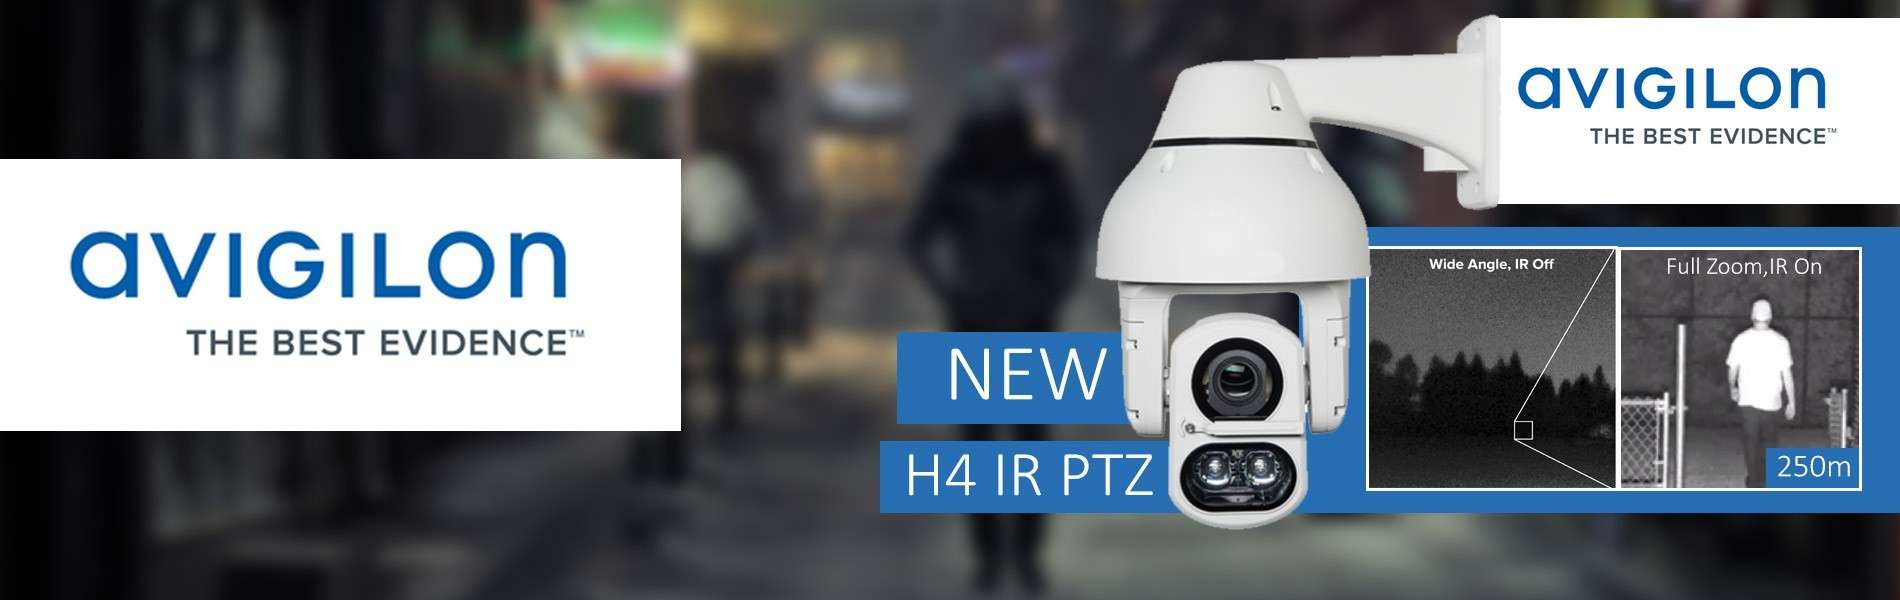 Avigilon lance la nouvelle ligne de caméra PTZ H4 IR